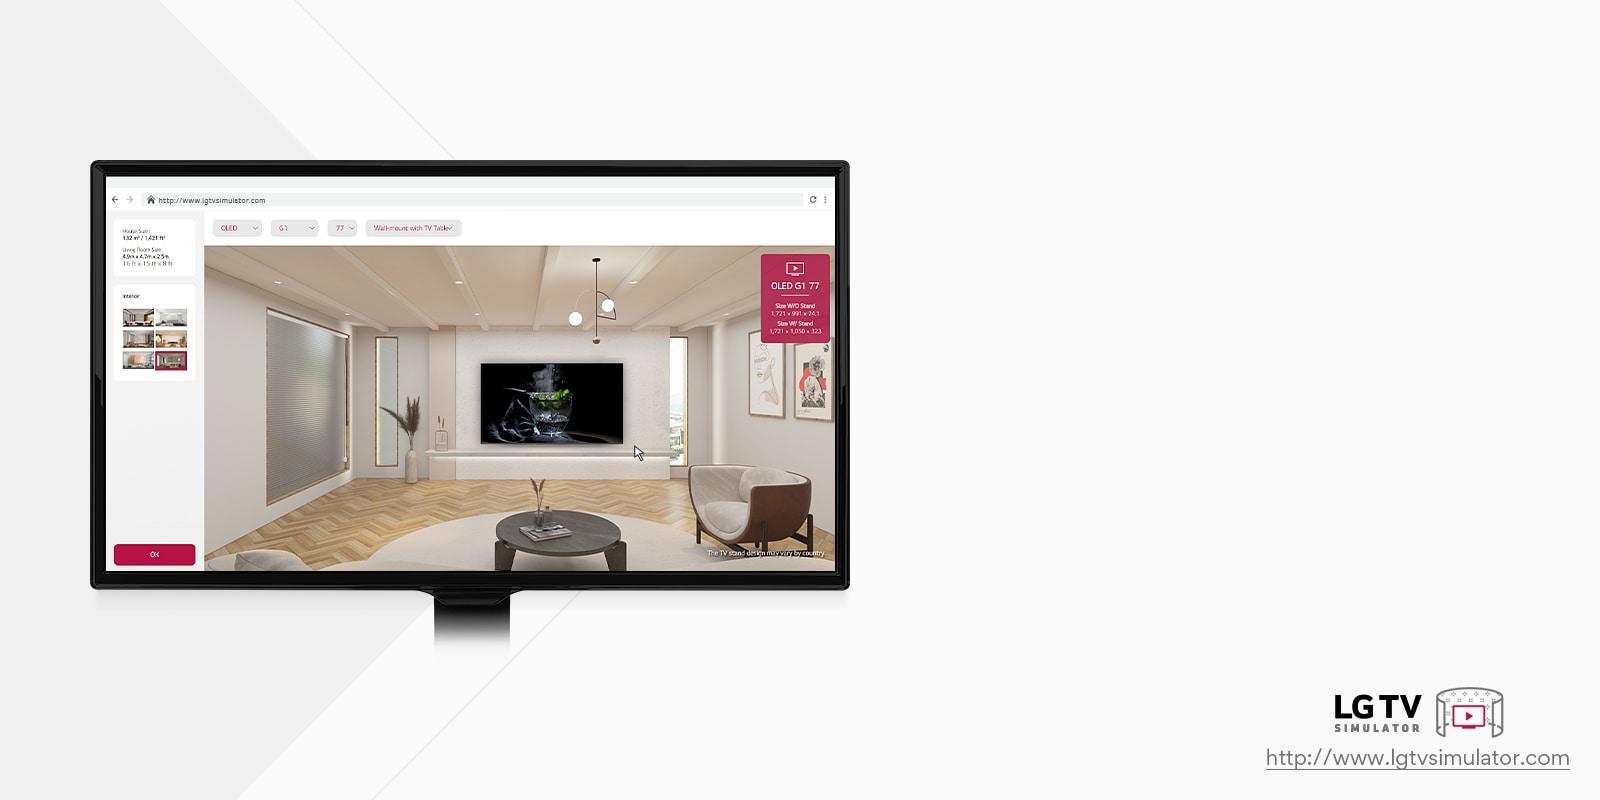 Це пояснювальне зображення симулятора, який дає змогу розміщувати  всі моделі телевізорів LG у віртуальному просторі.